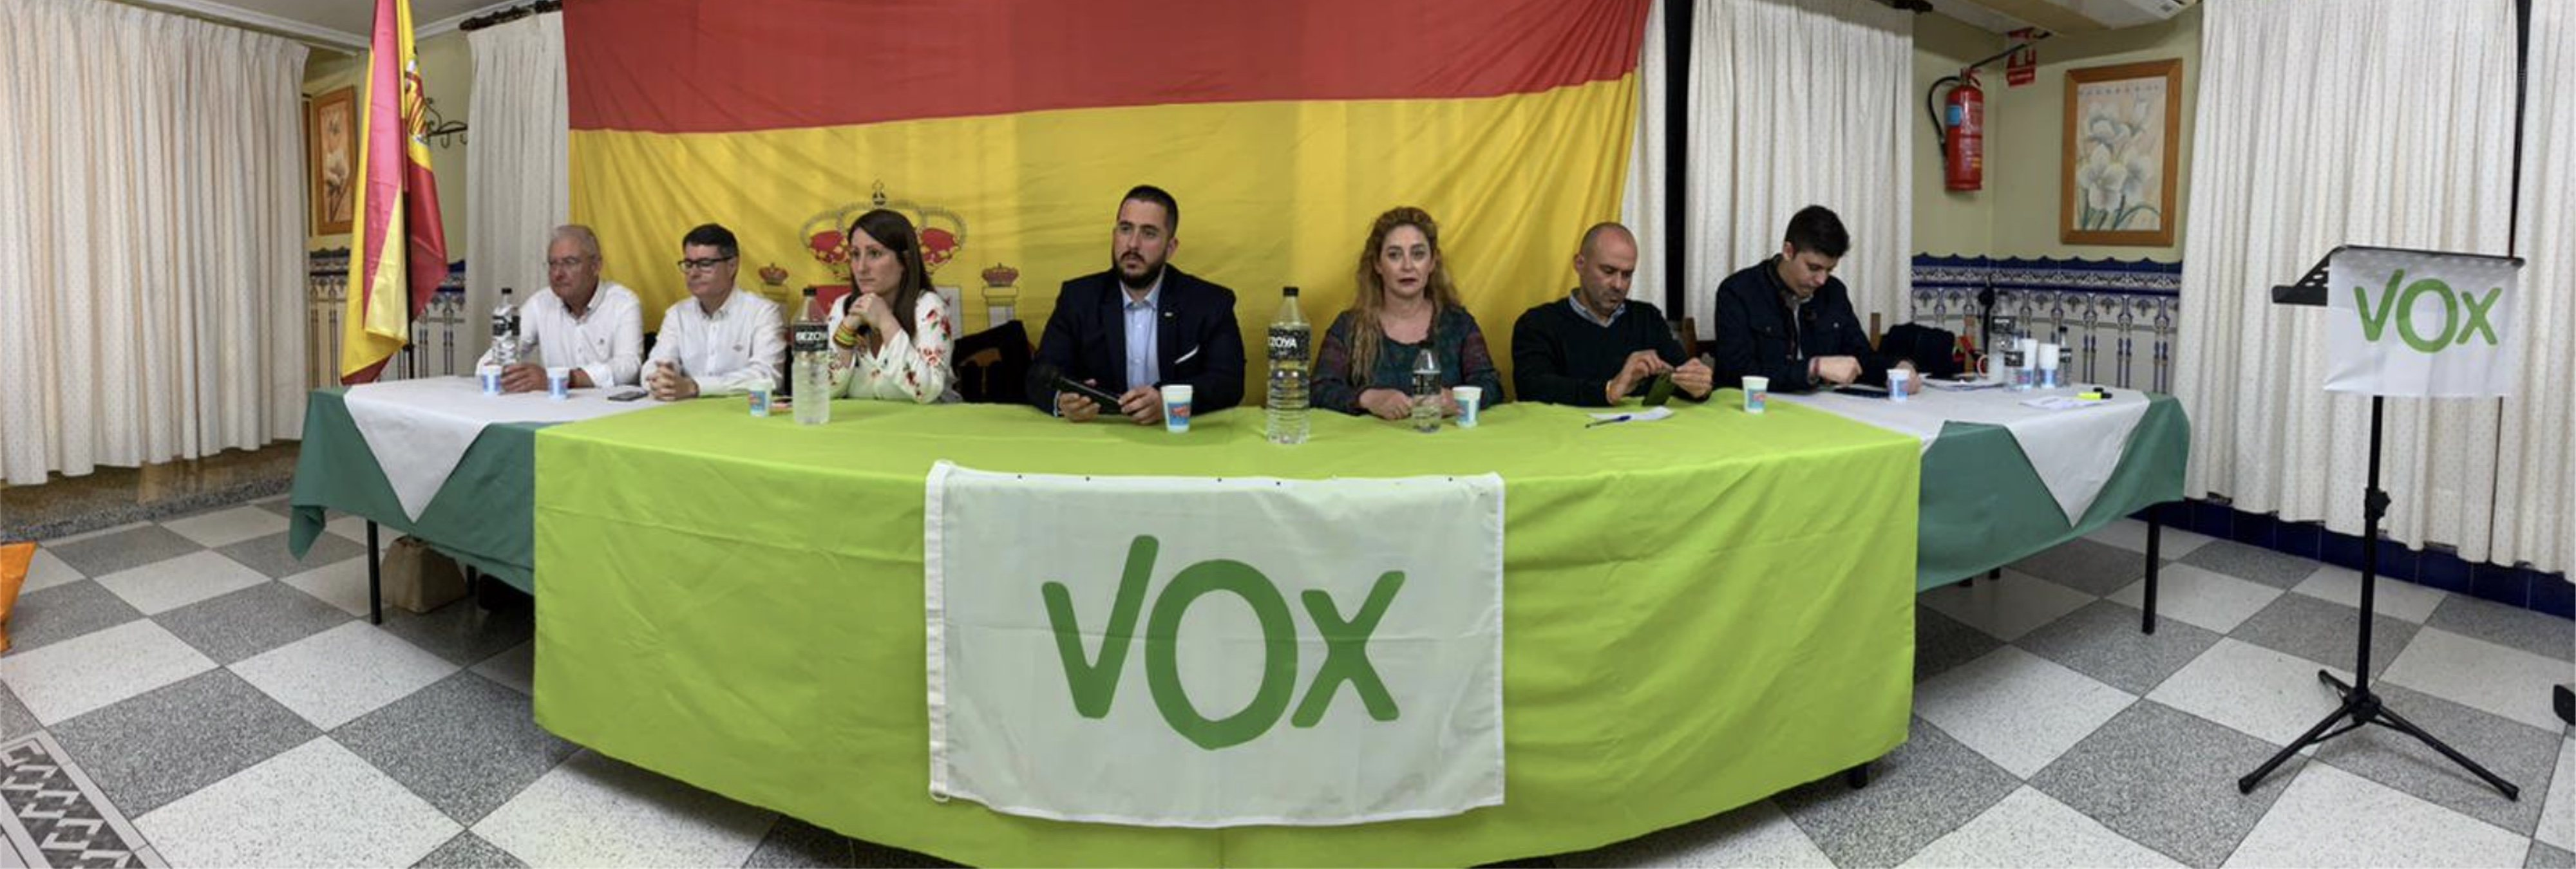 """El jefe de campaña de VOX en Alicante """"Este no es un partido democrático ni lo va a ser"""""""